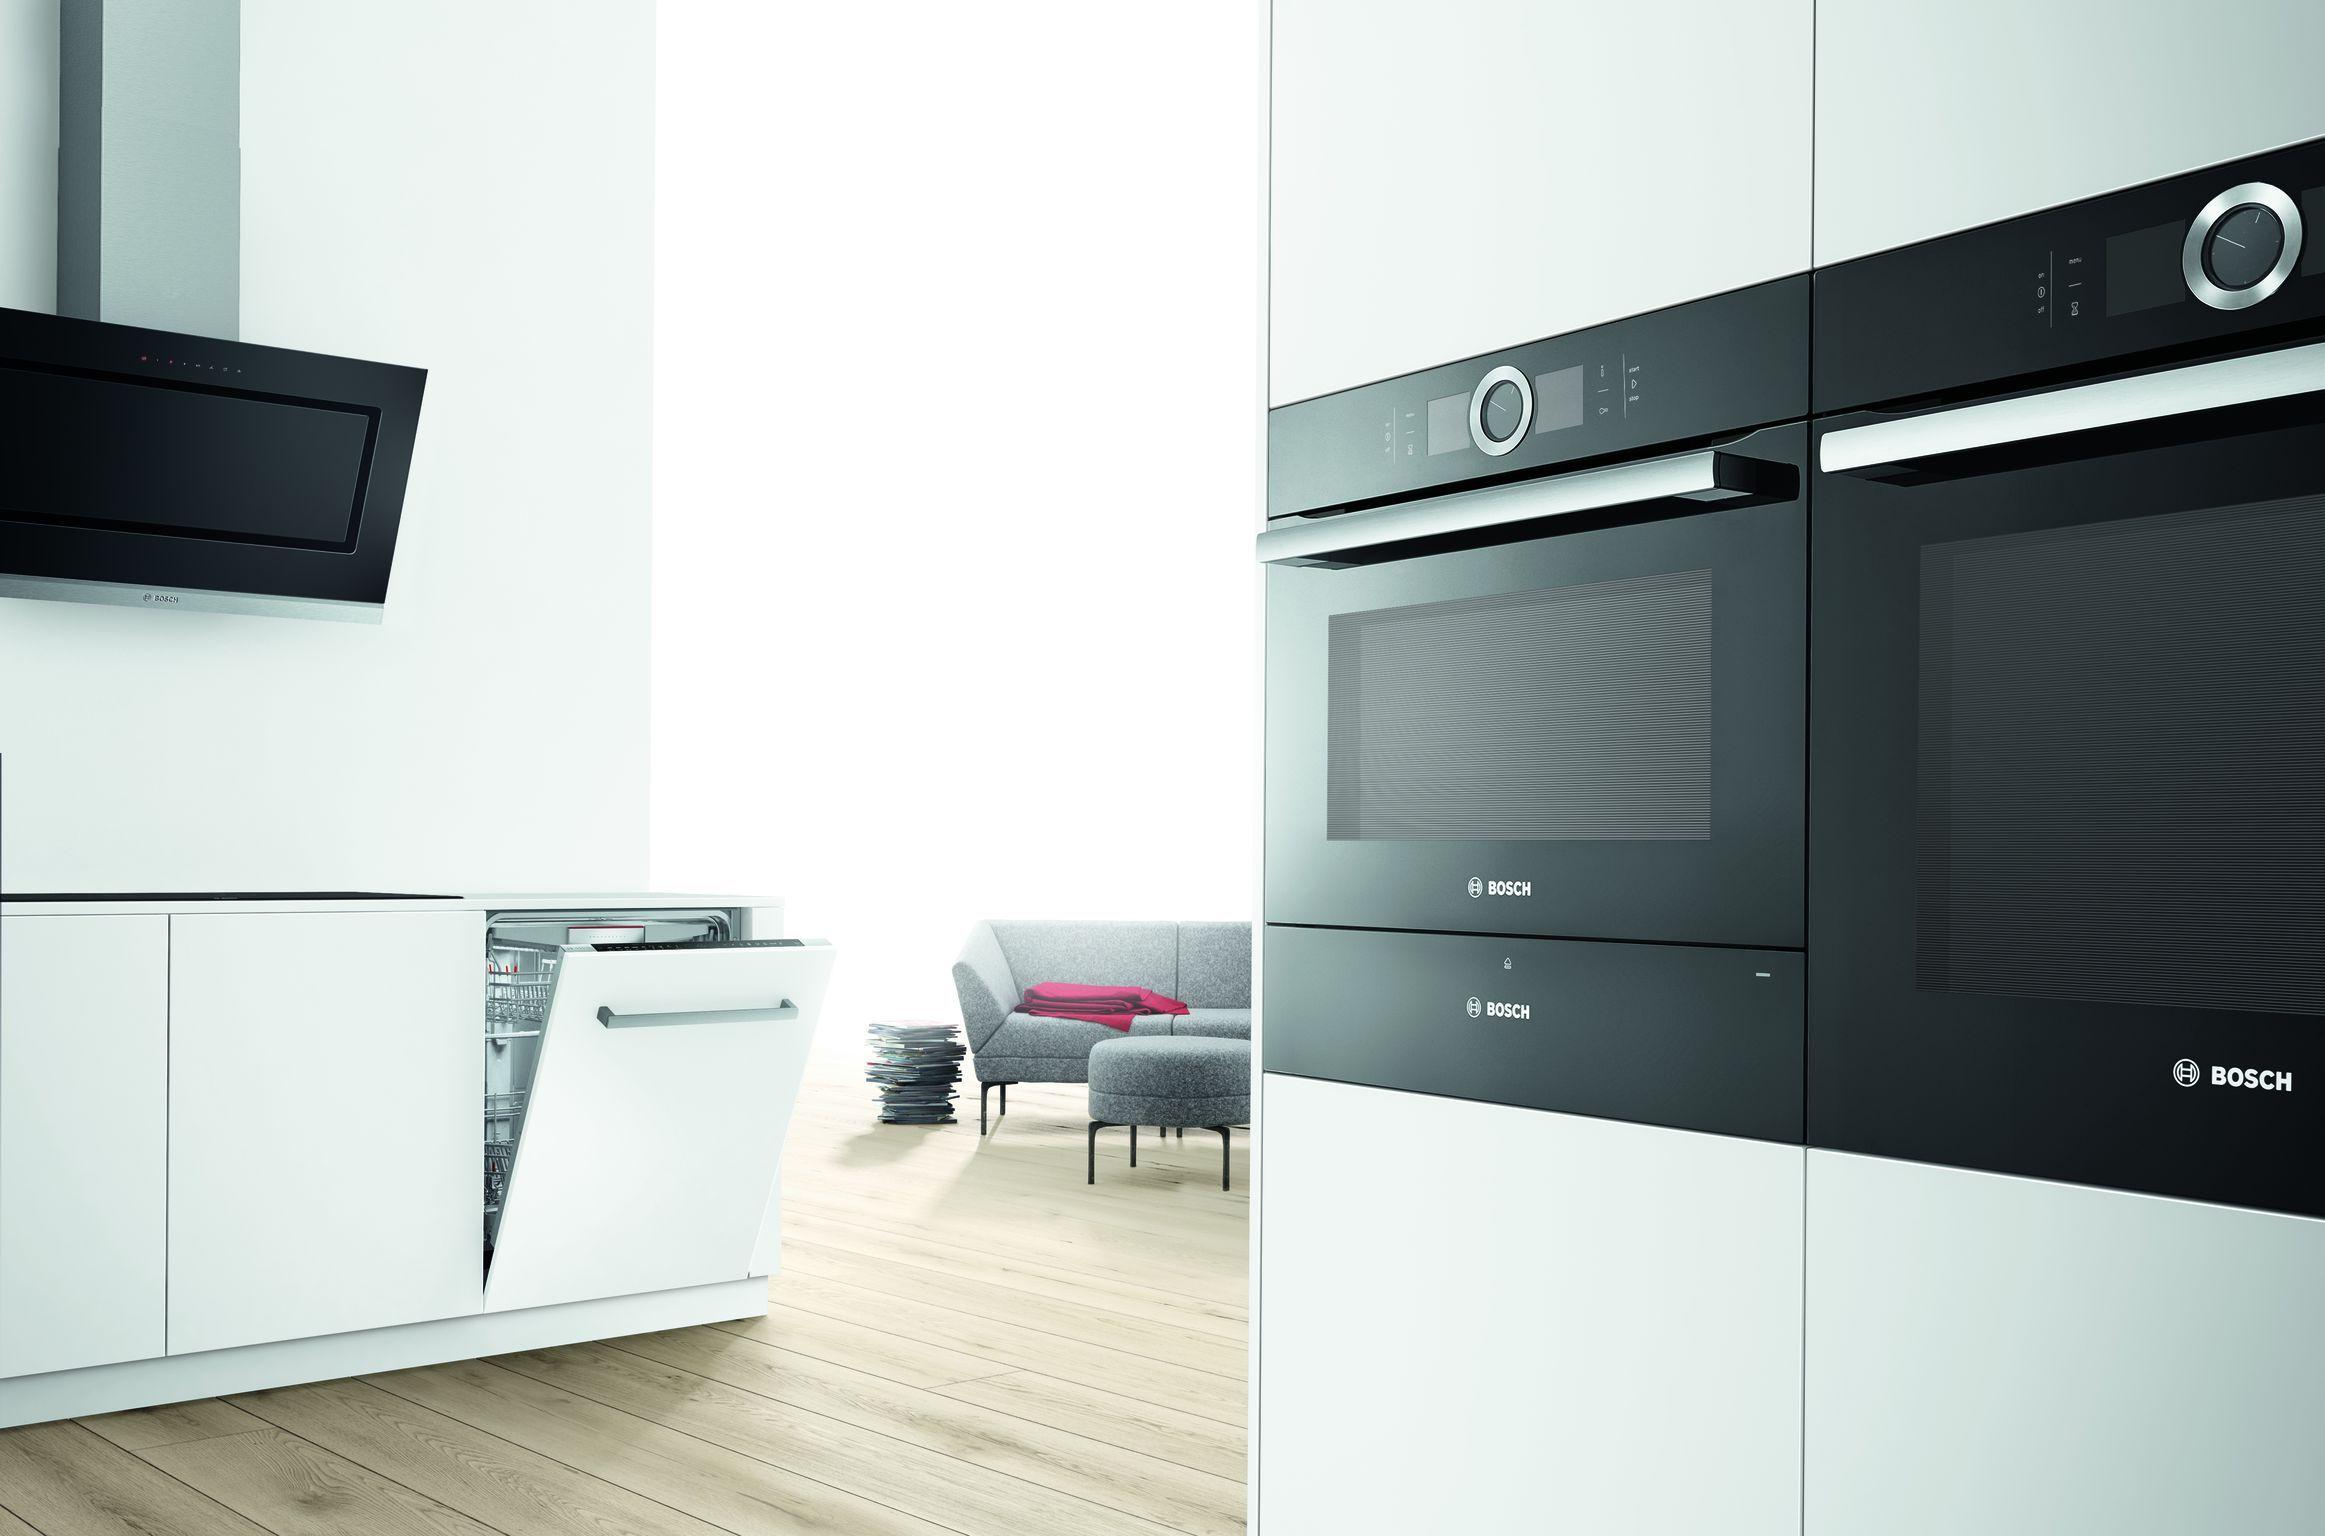 Bosch Serie 8 Schwarz Cooker Hoods Home Appliances Steam Oven